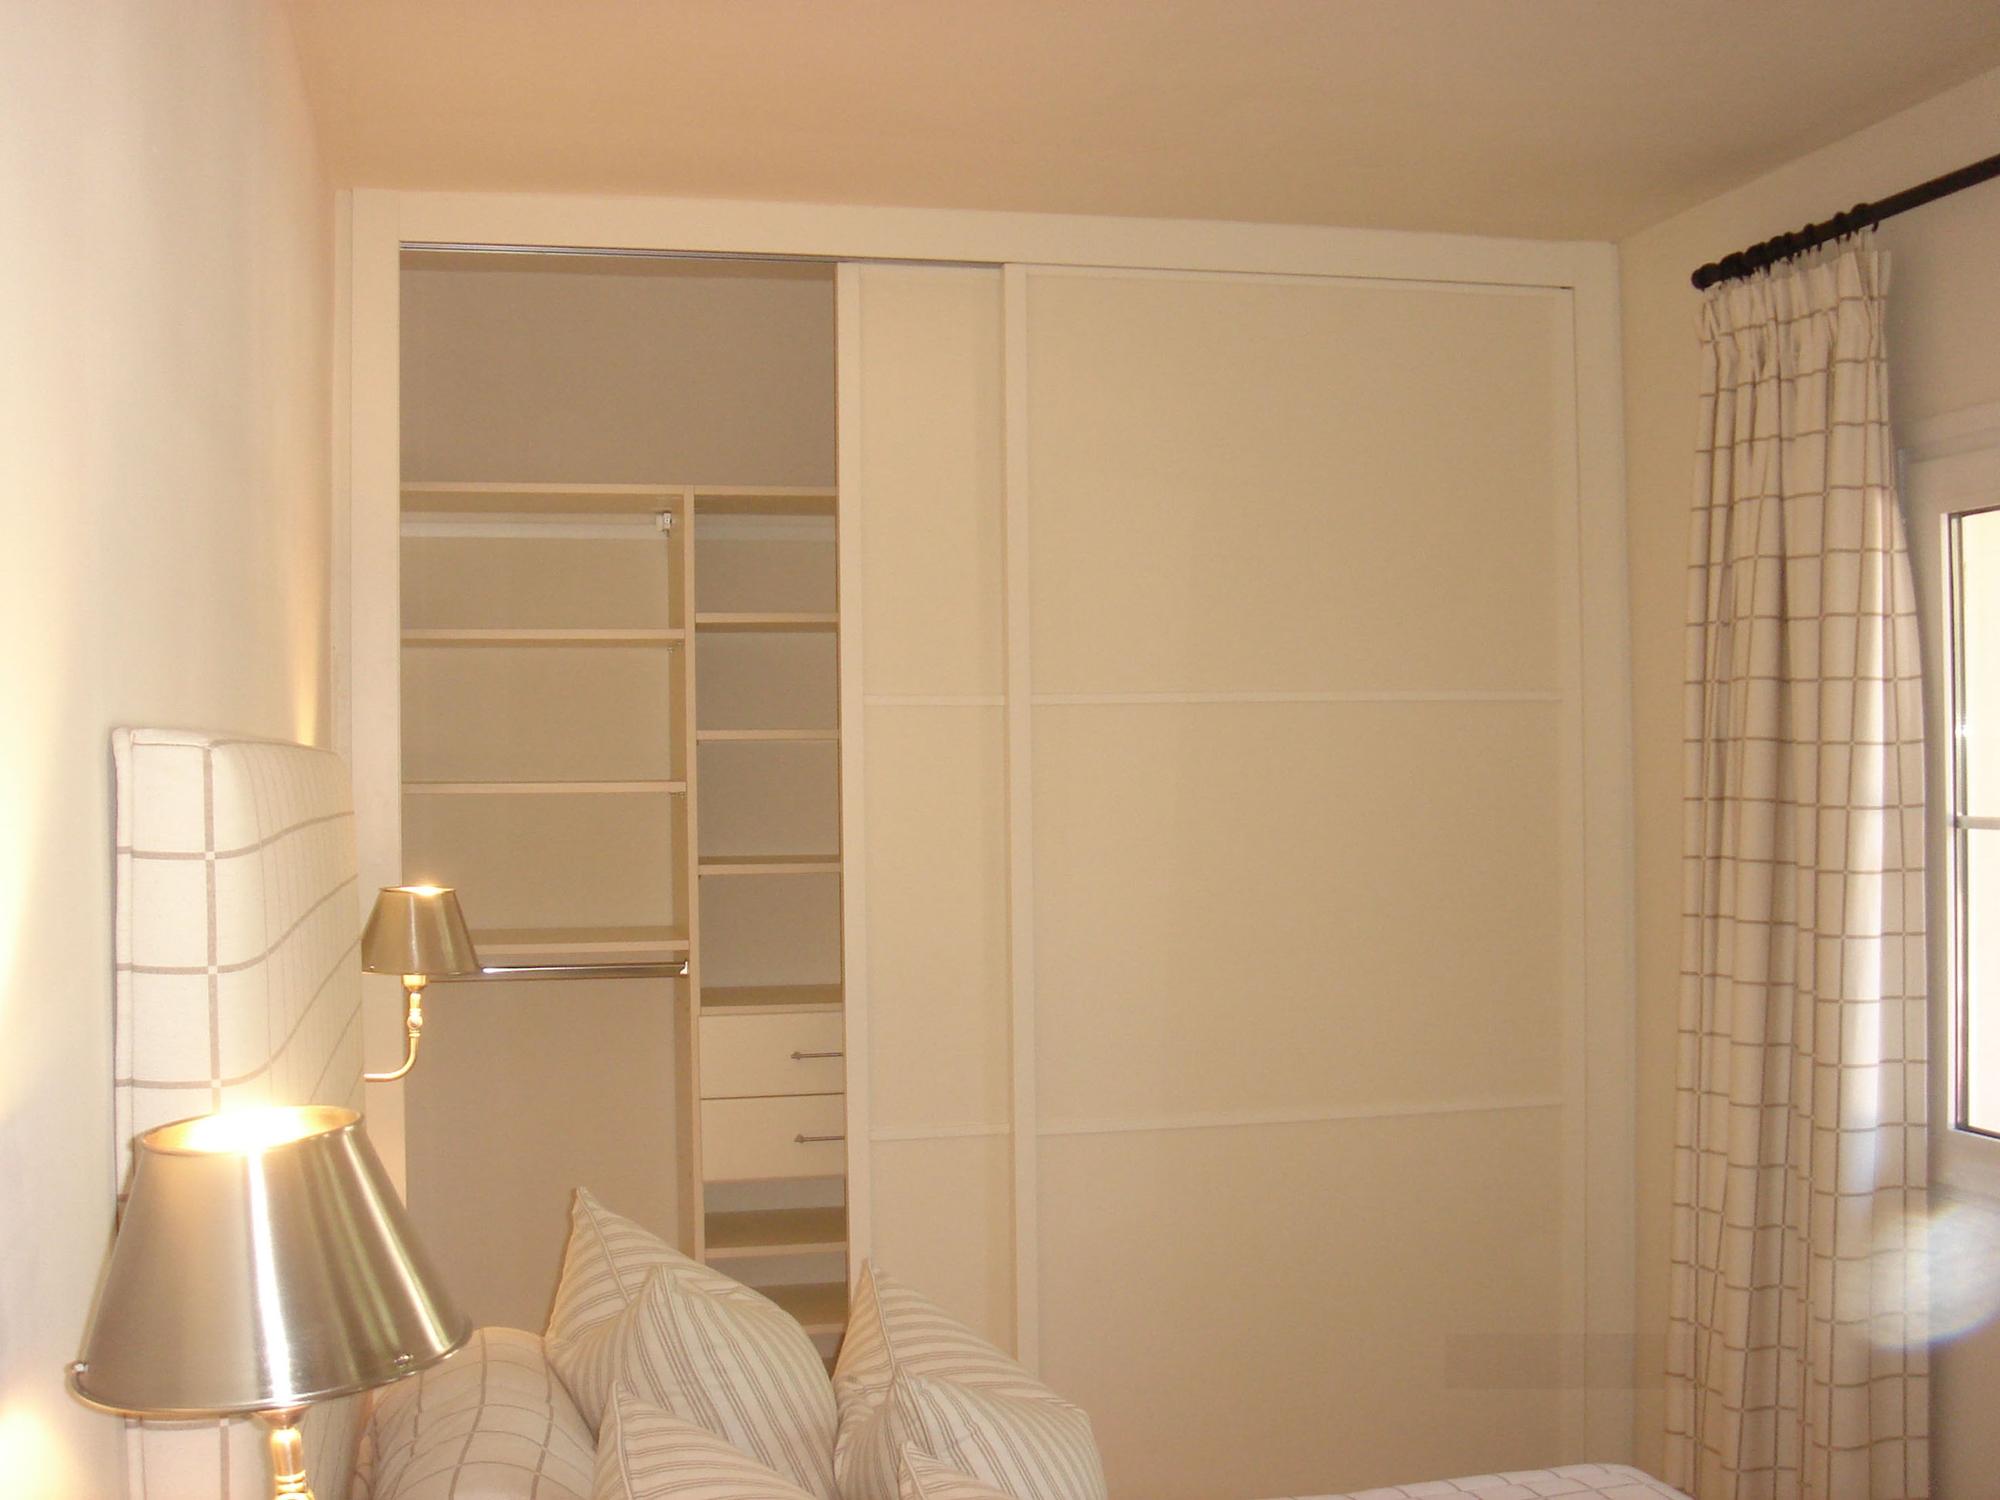 Frentes de armario a medida metrocloset - Fotos de puertas correderas ...